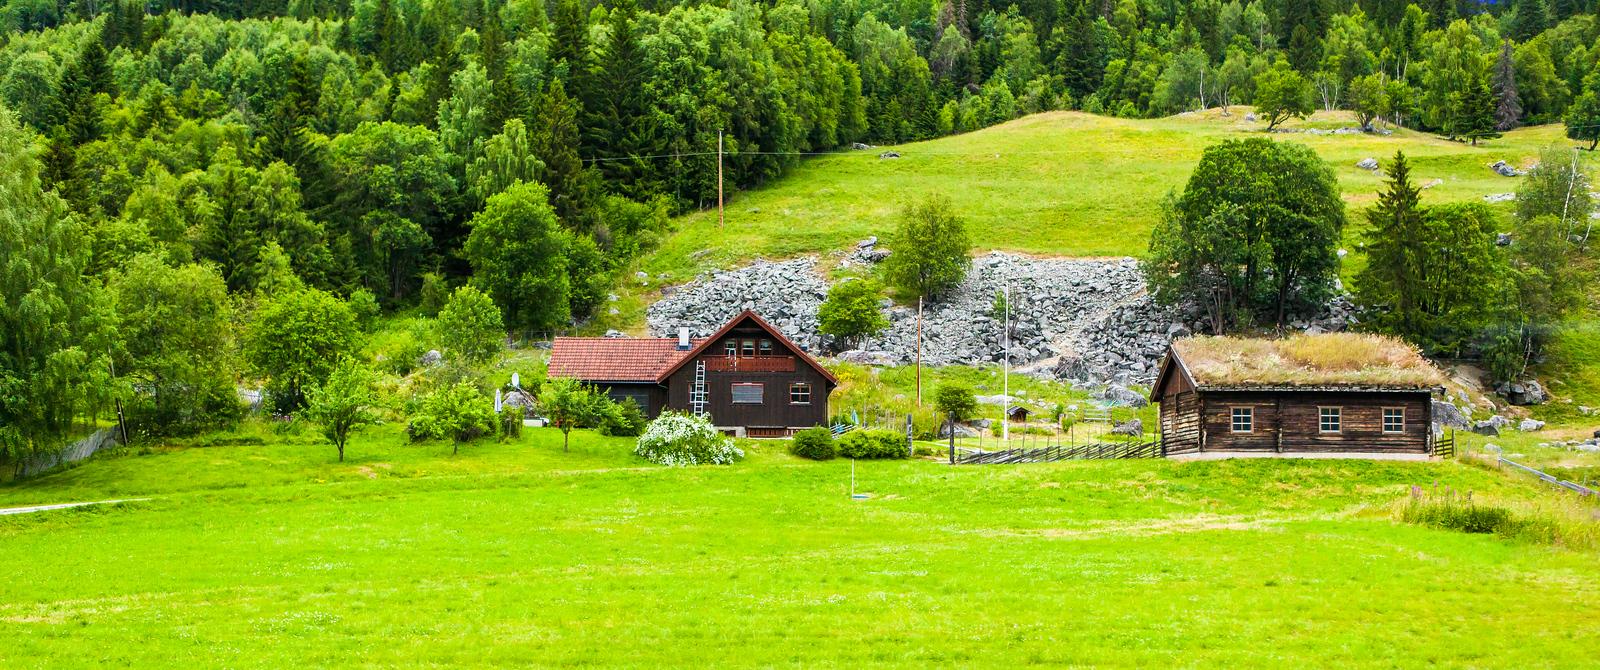 北歐旅途,屋頂長草的民居